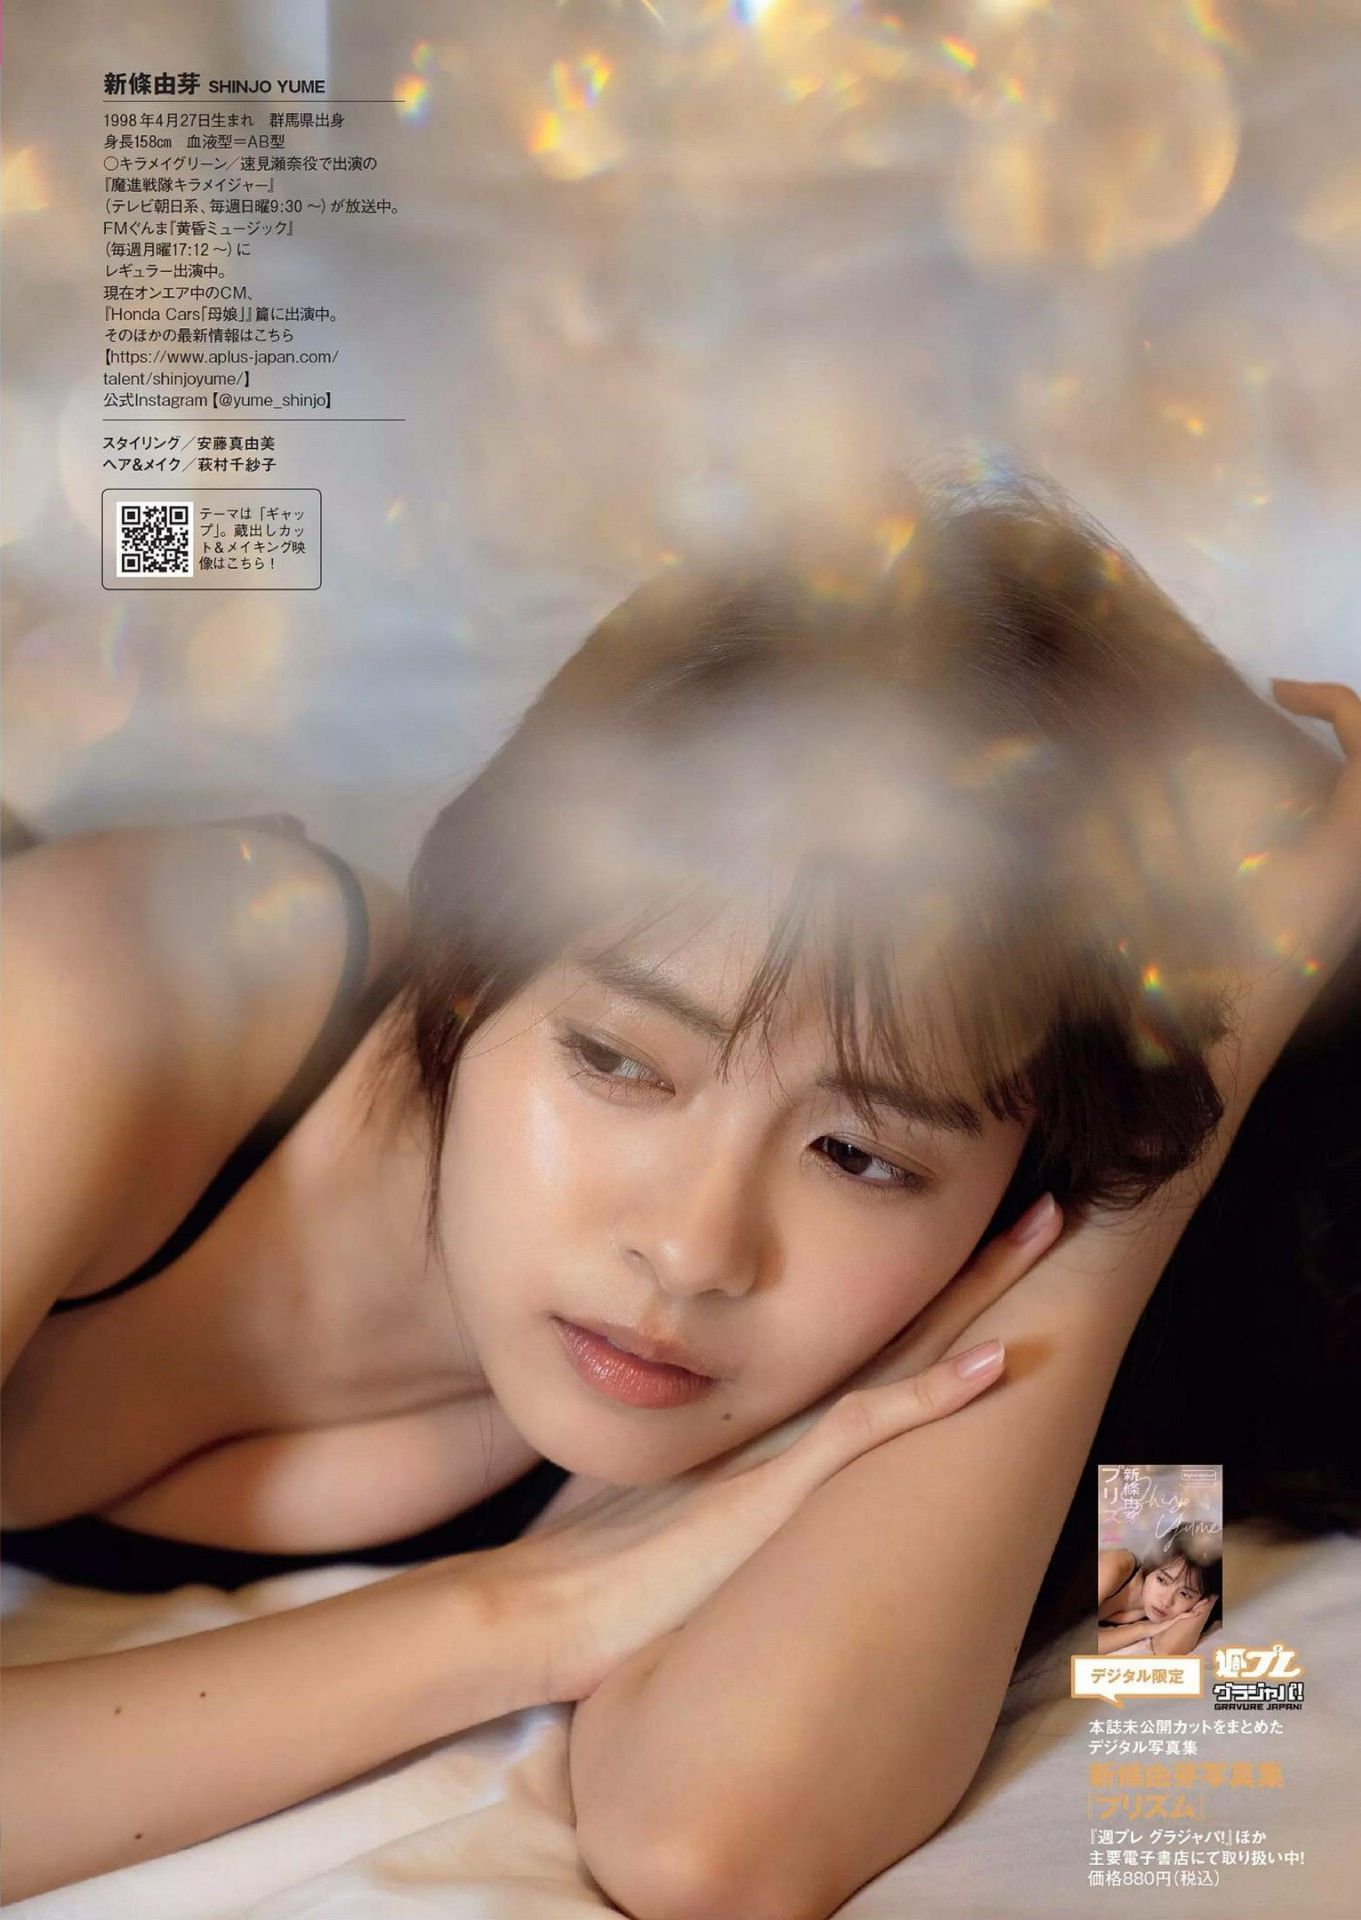 Weekly Playboy 2020-31_32_imgs-0008_1